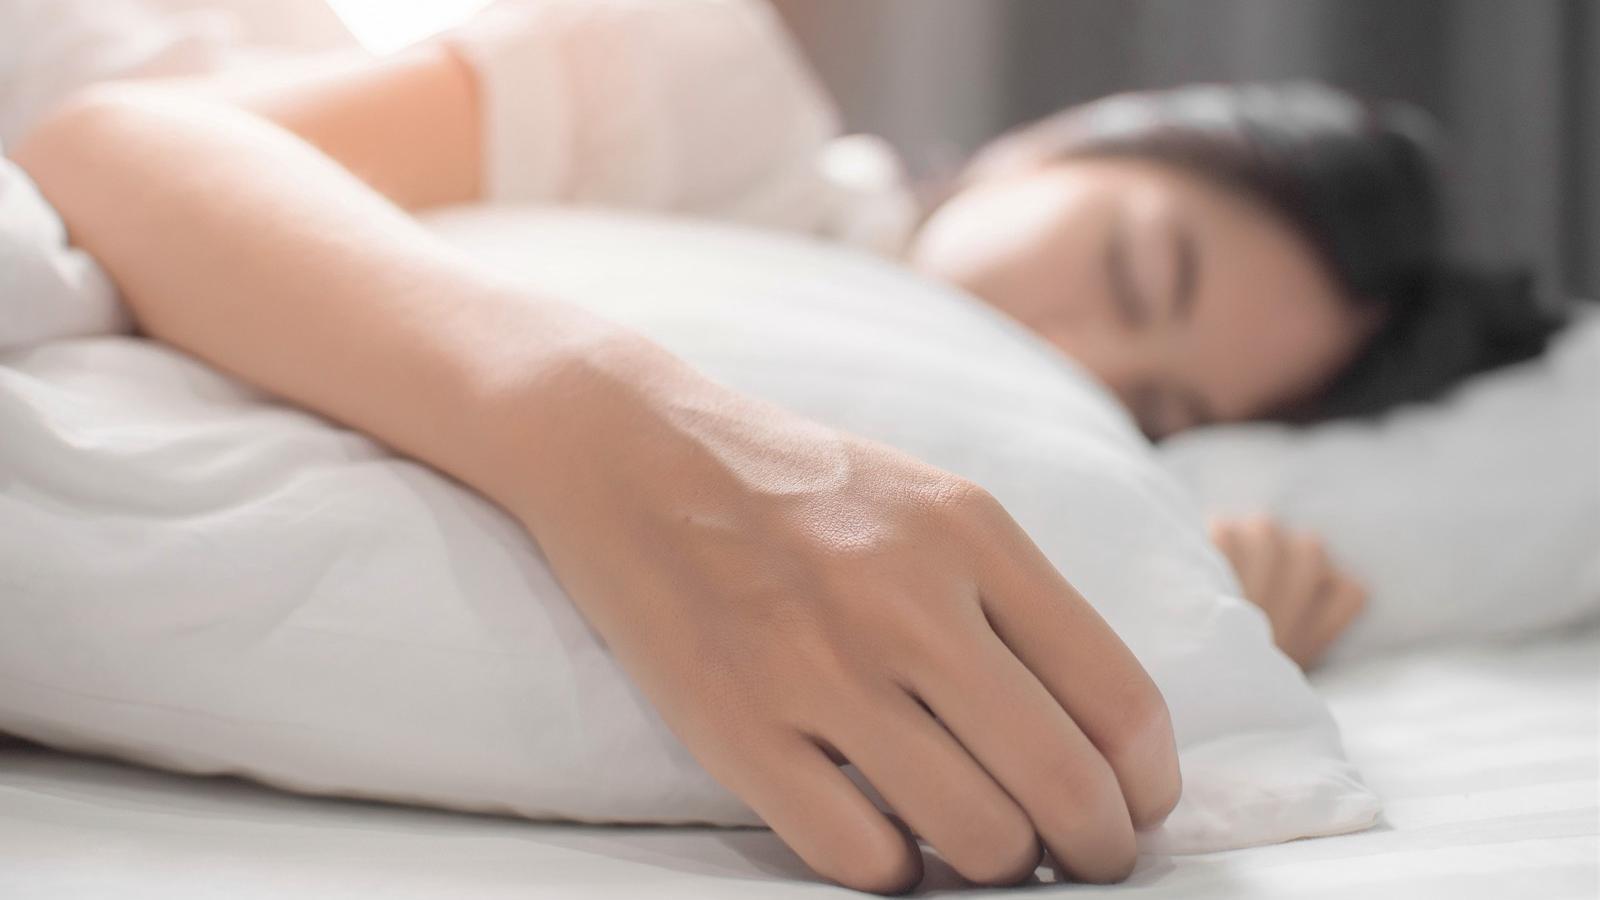 több alvás segíthet a fogyásban